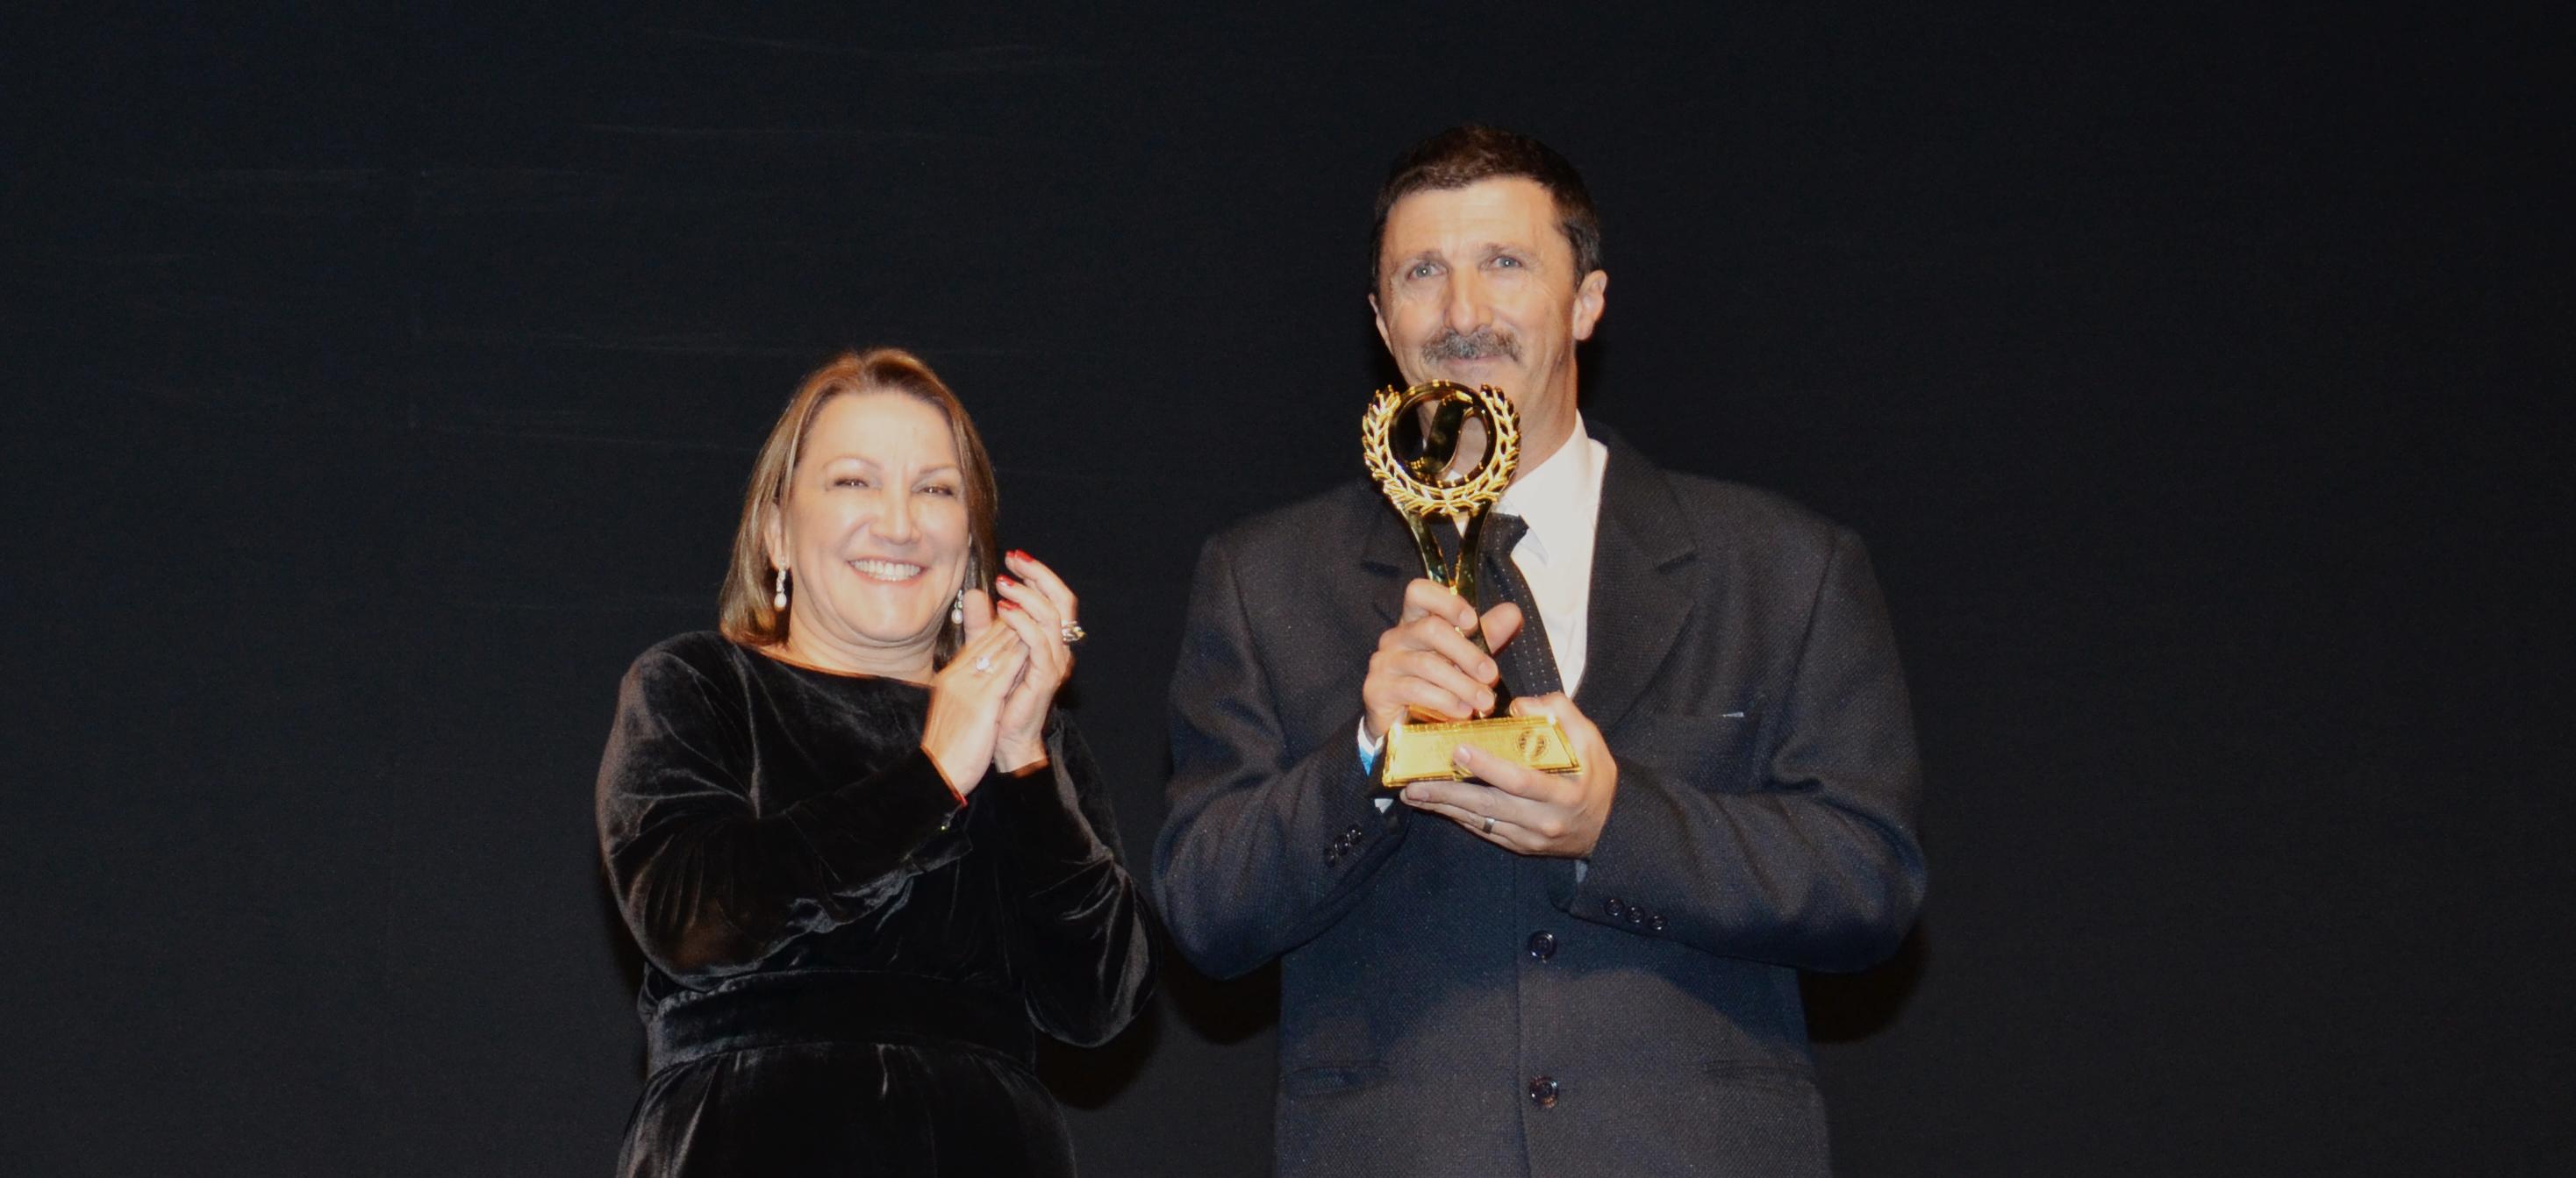 Prêmio Sindusfarma de Qualidade 2014